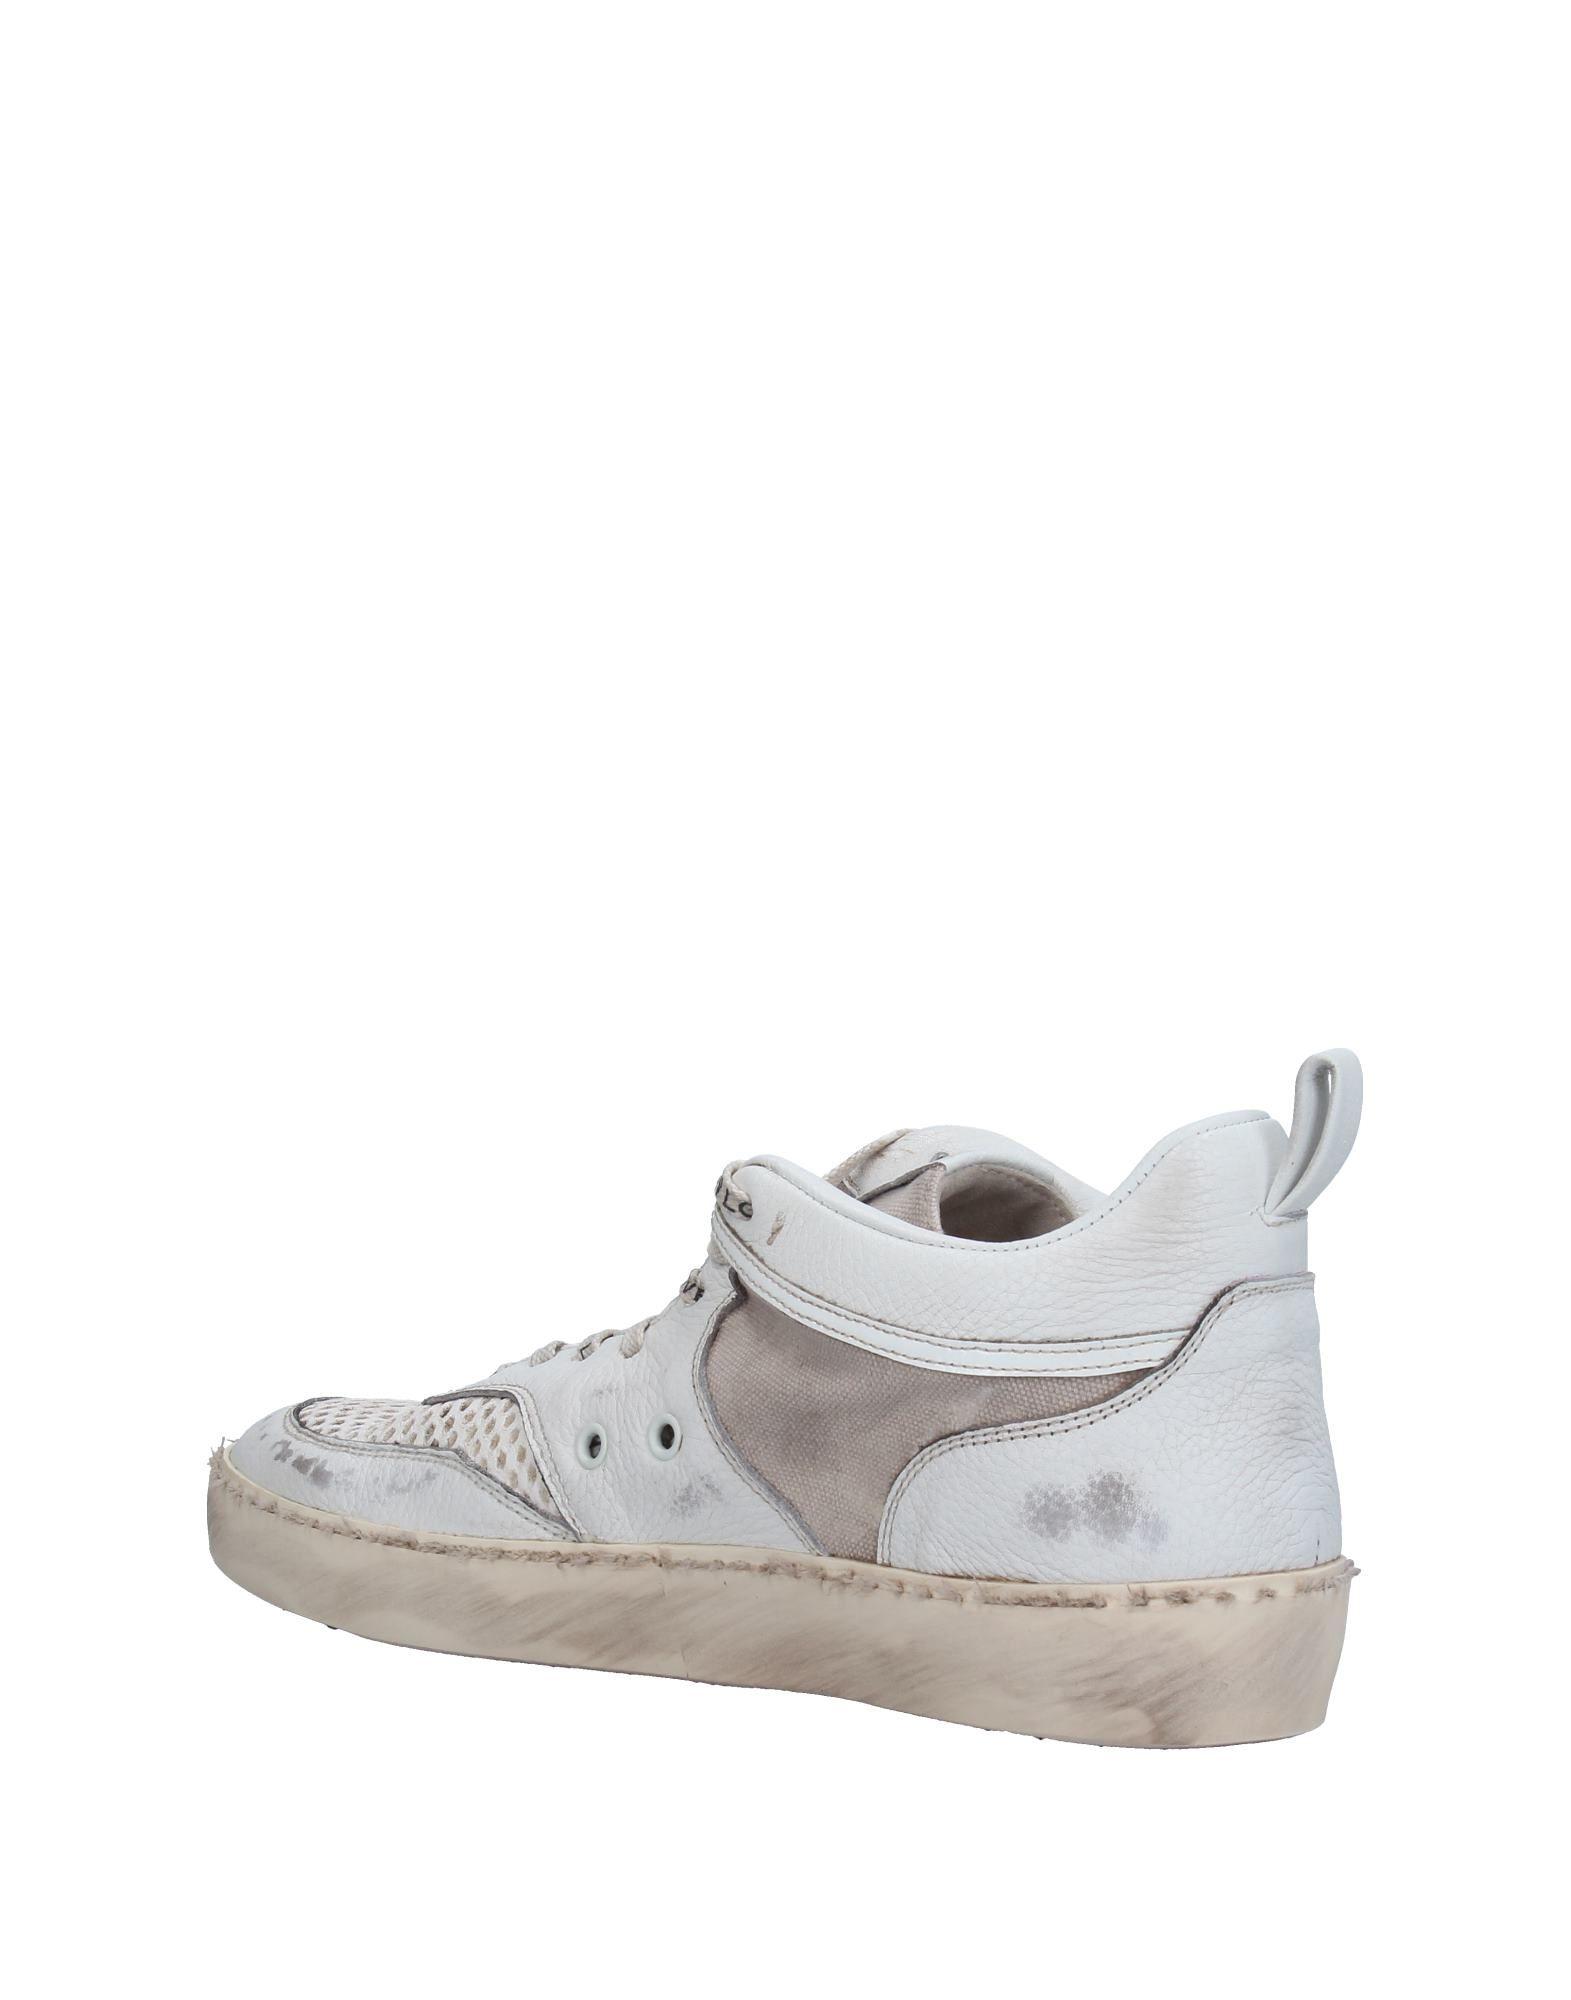 Leather Crown Sneakers Herren   Herren 11326740UK 55d3f3